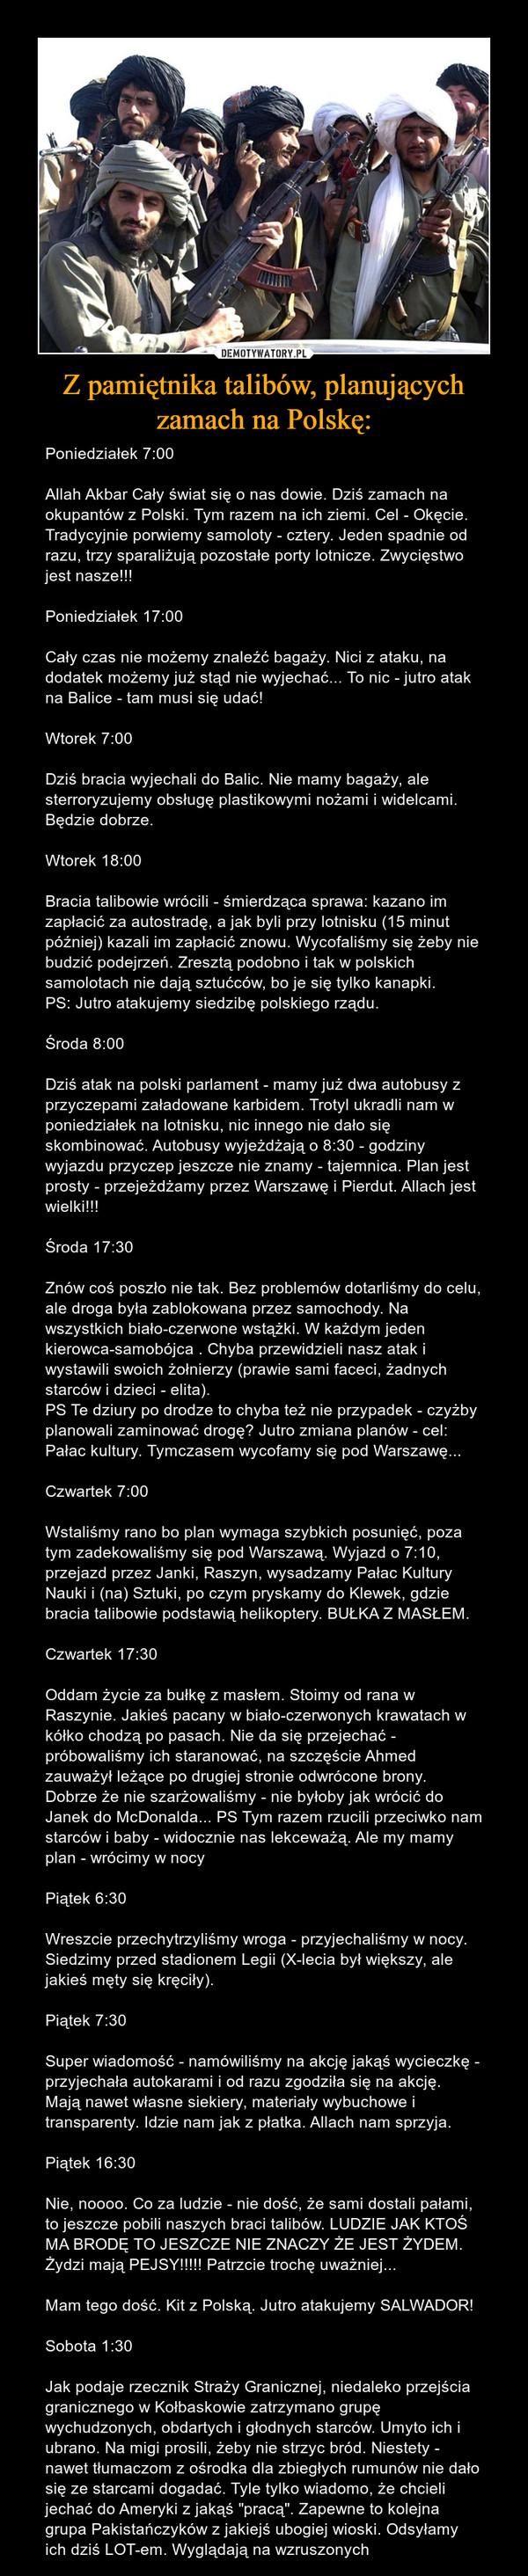 Z pamiętnika talibów, planujących zamach na Polskę: